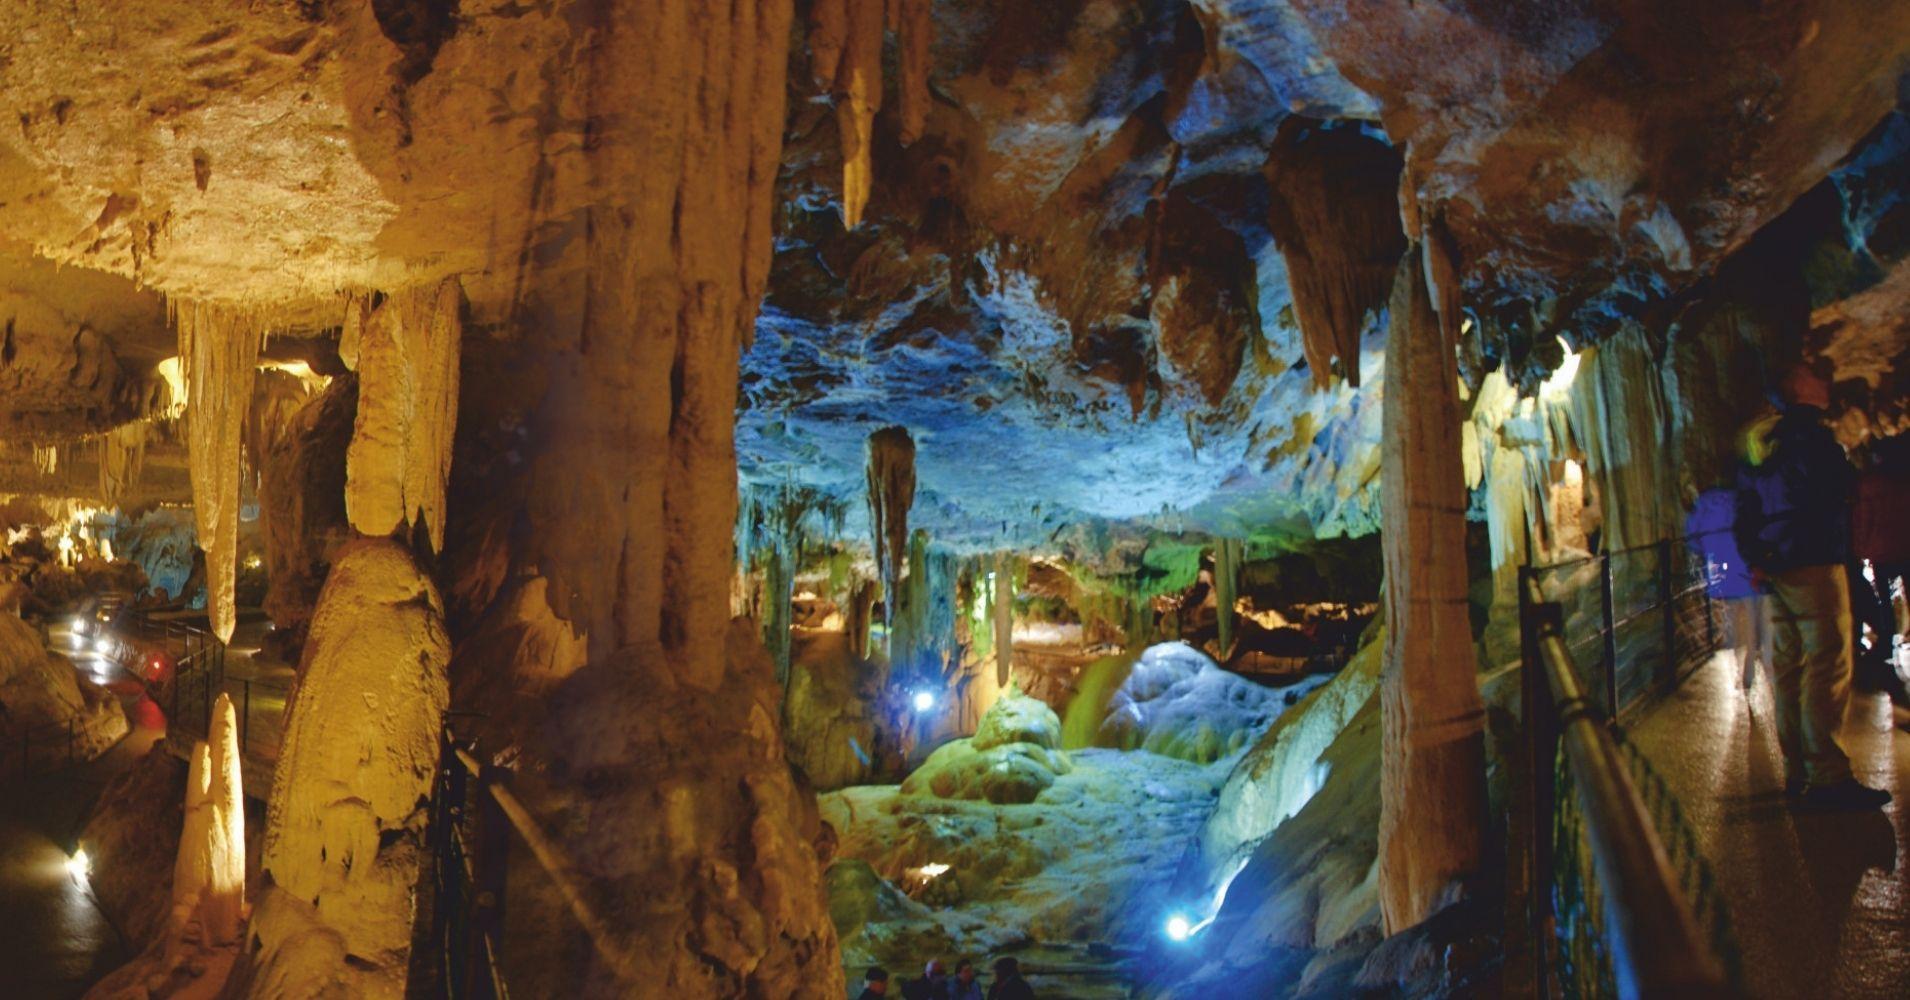 Les Grottes de Bétharram en Nueva Aquitania y Occitania. Pirineos Atlánticos y Altos Pirineos. Francia.